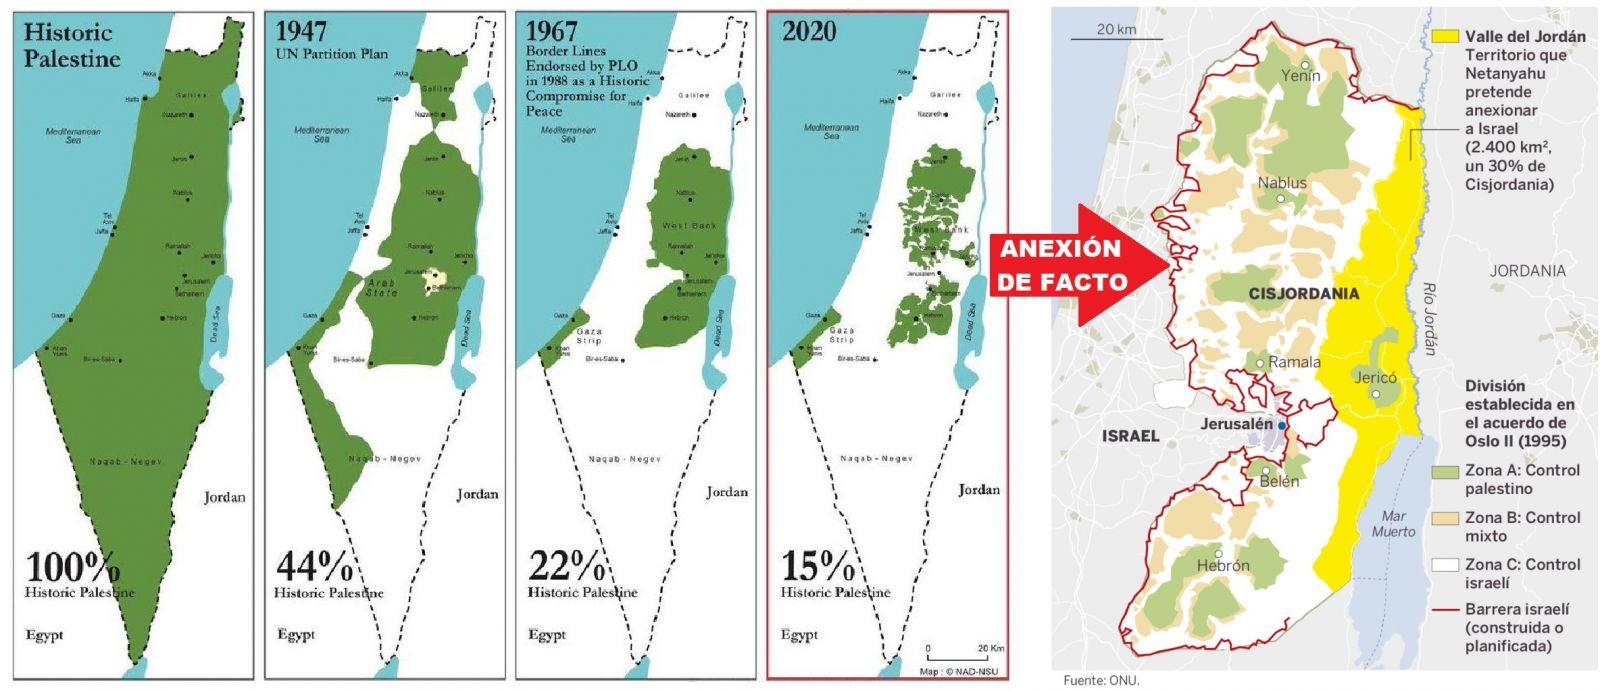 Israel se apresta a anexar Cisjordania. La anexión de facto ya existe desde el comienzo de la ocupación